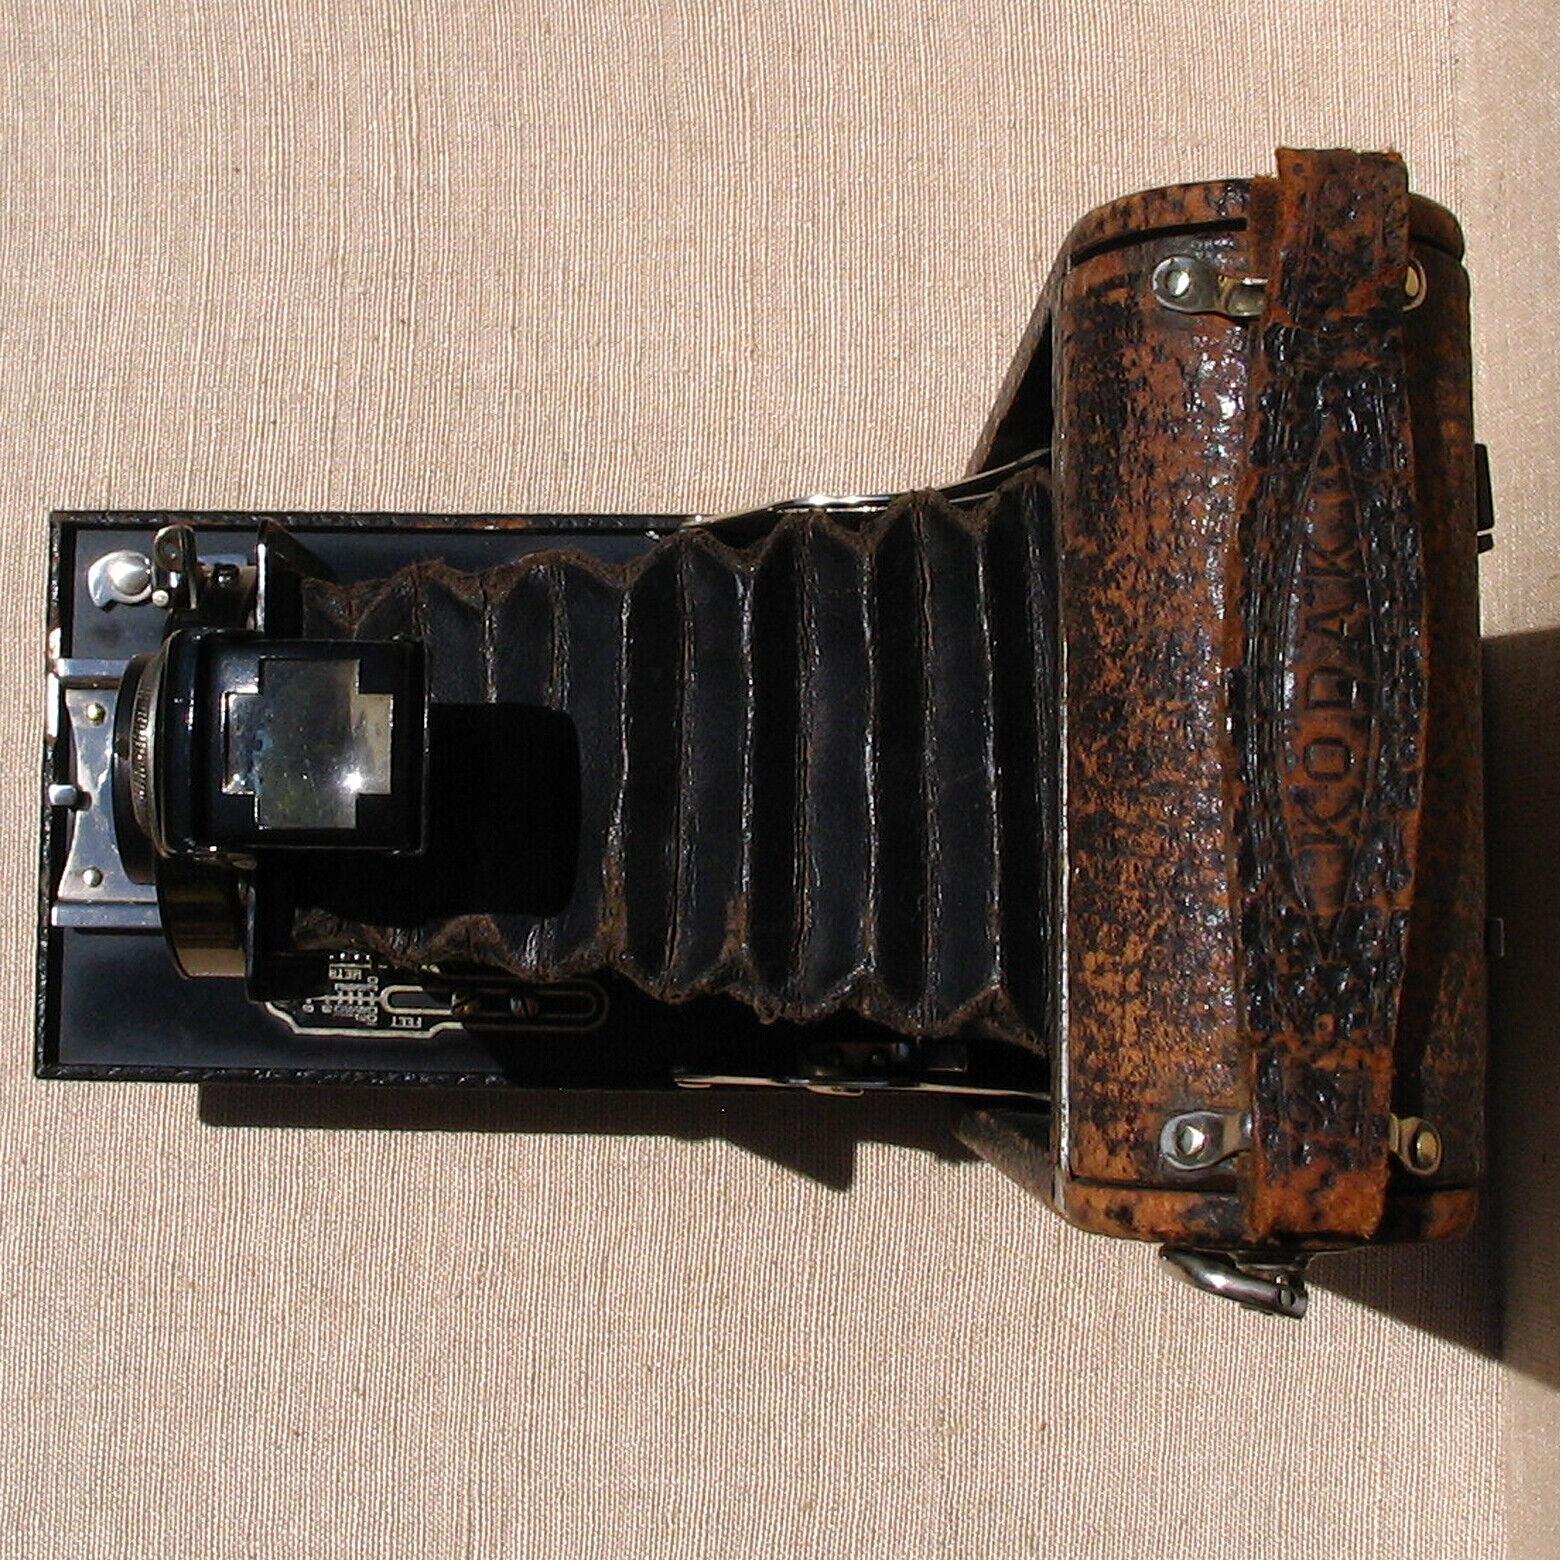 Clean No.2-C Autographic Kodak Jr. Model - A - $34.00